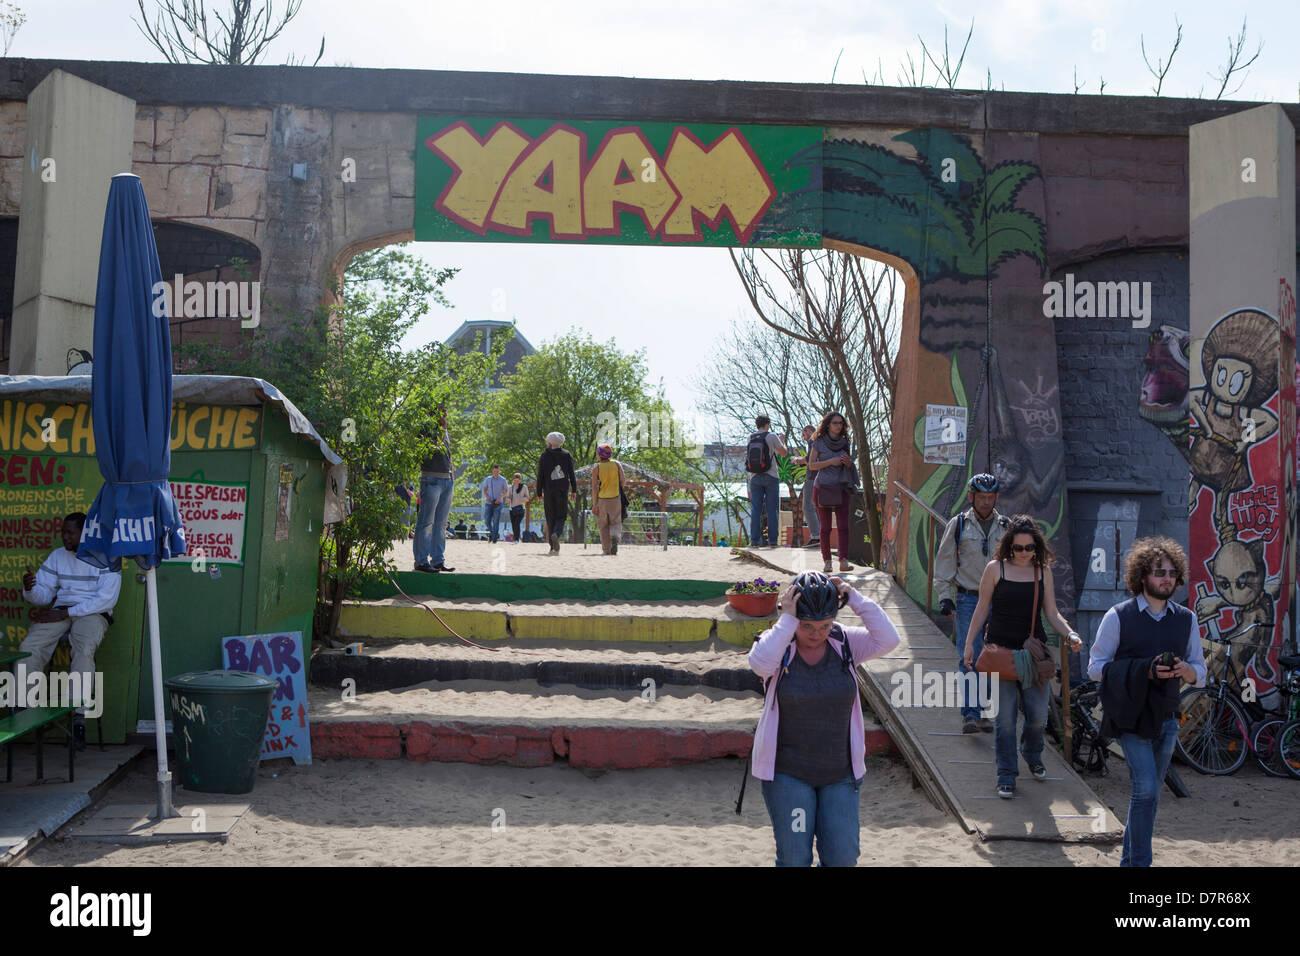 La gente joven alemán en Yaam. Yaam es en Europa uno de los lugares más importantes para la juventud, Imagen De Stock